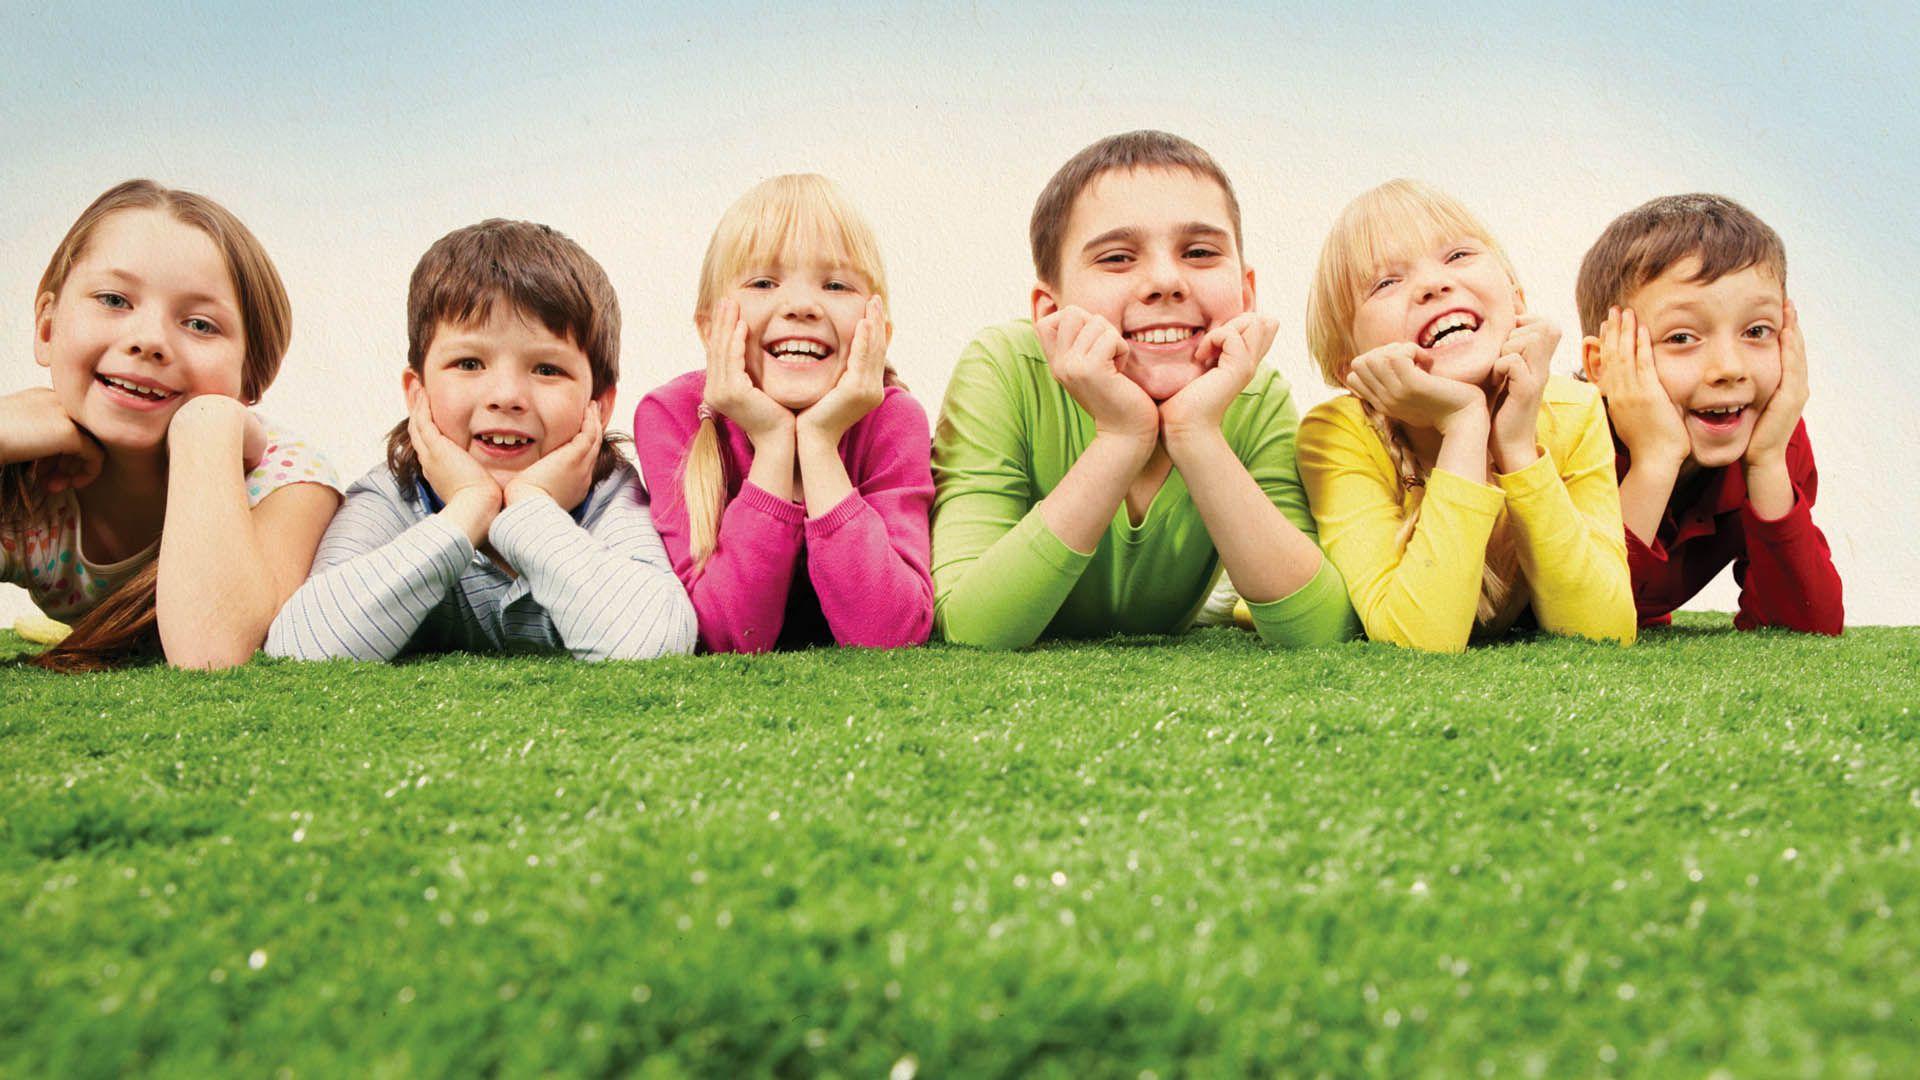 Лучшие картинки для детей